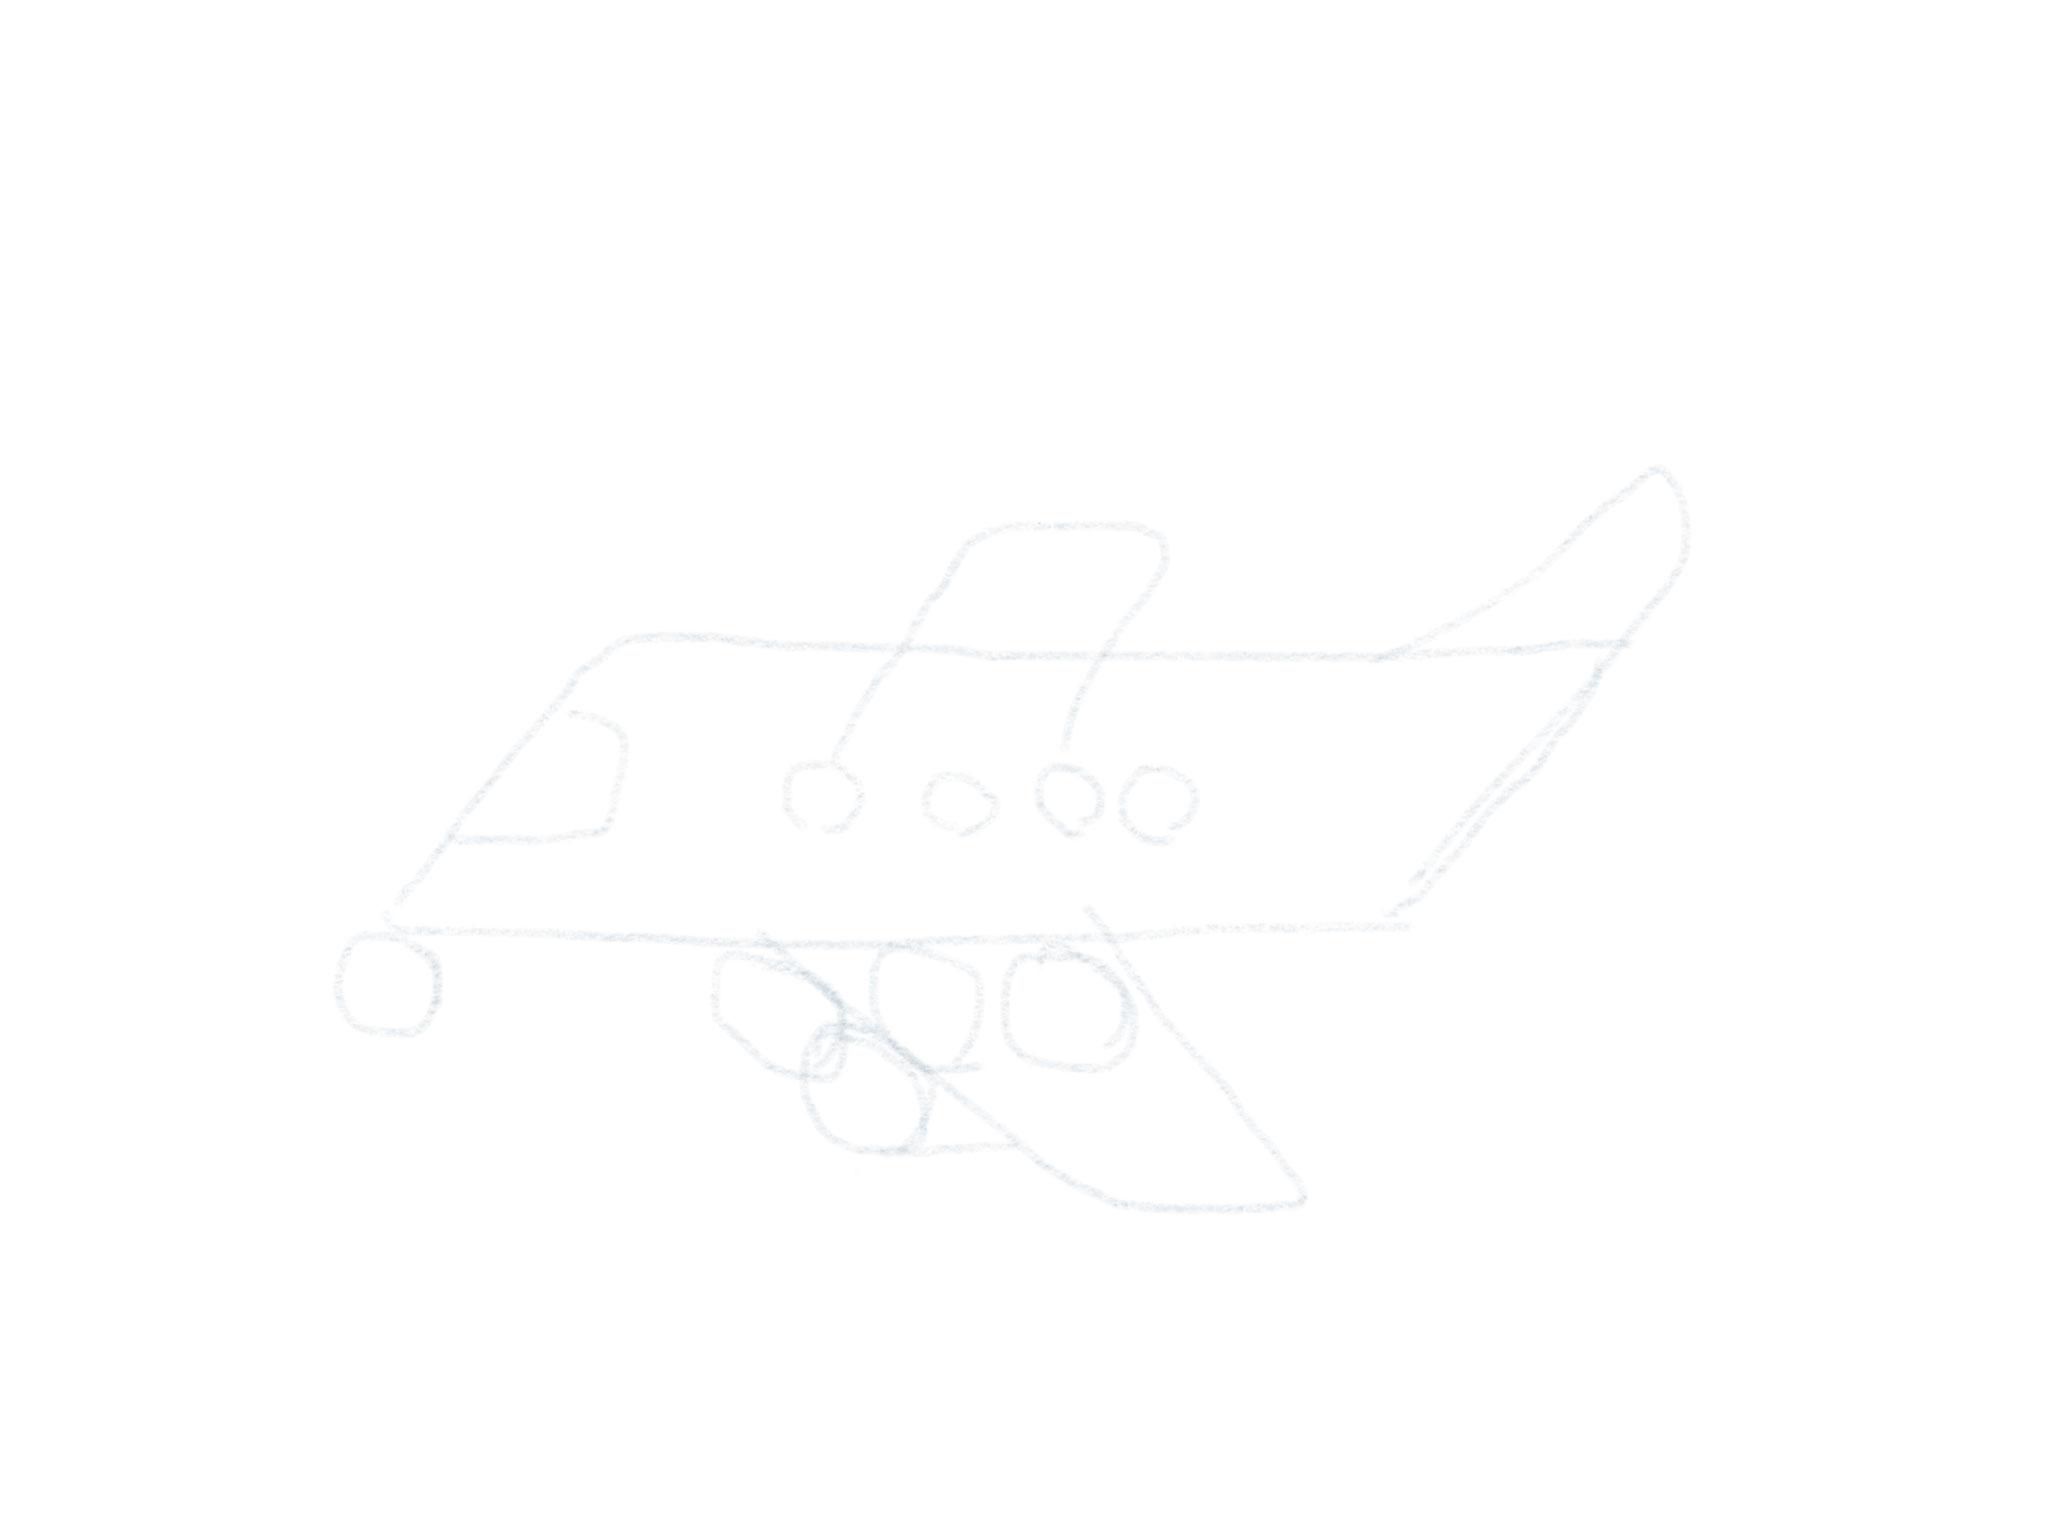 Flugzeug Zeichnen Turbine